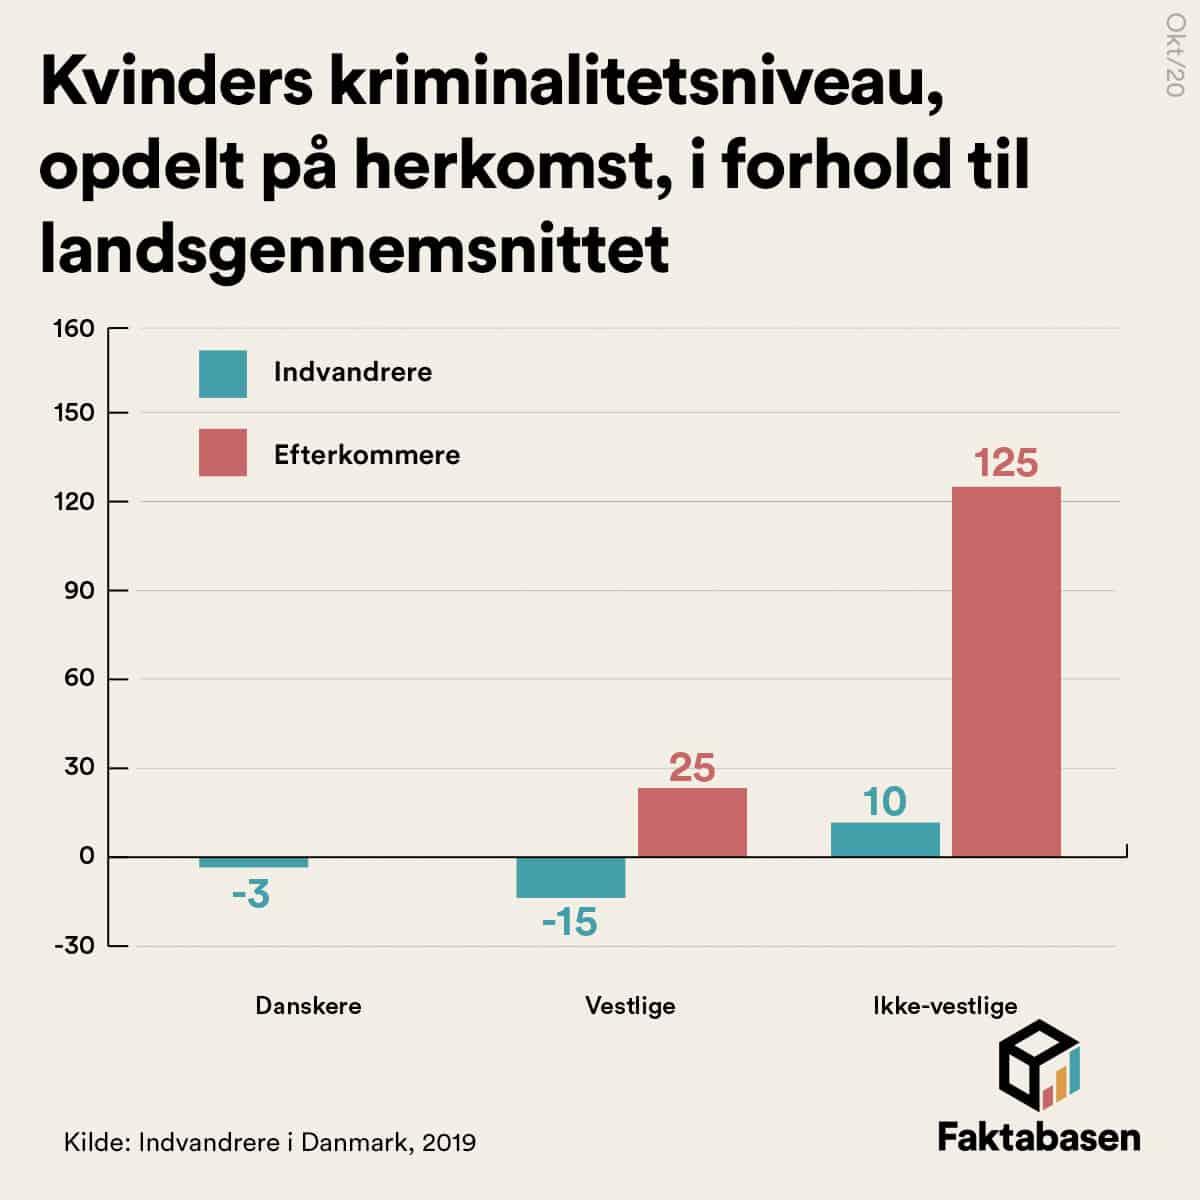 Kvindelige ikke-vestlige efterkommere er over dobbelt så kriminelle som danske kvinder